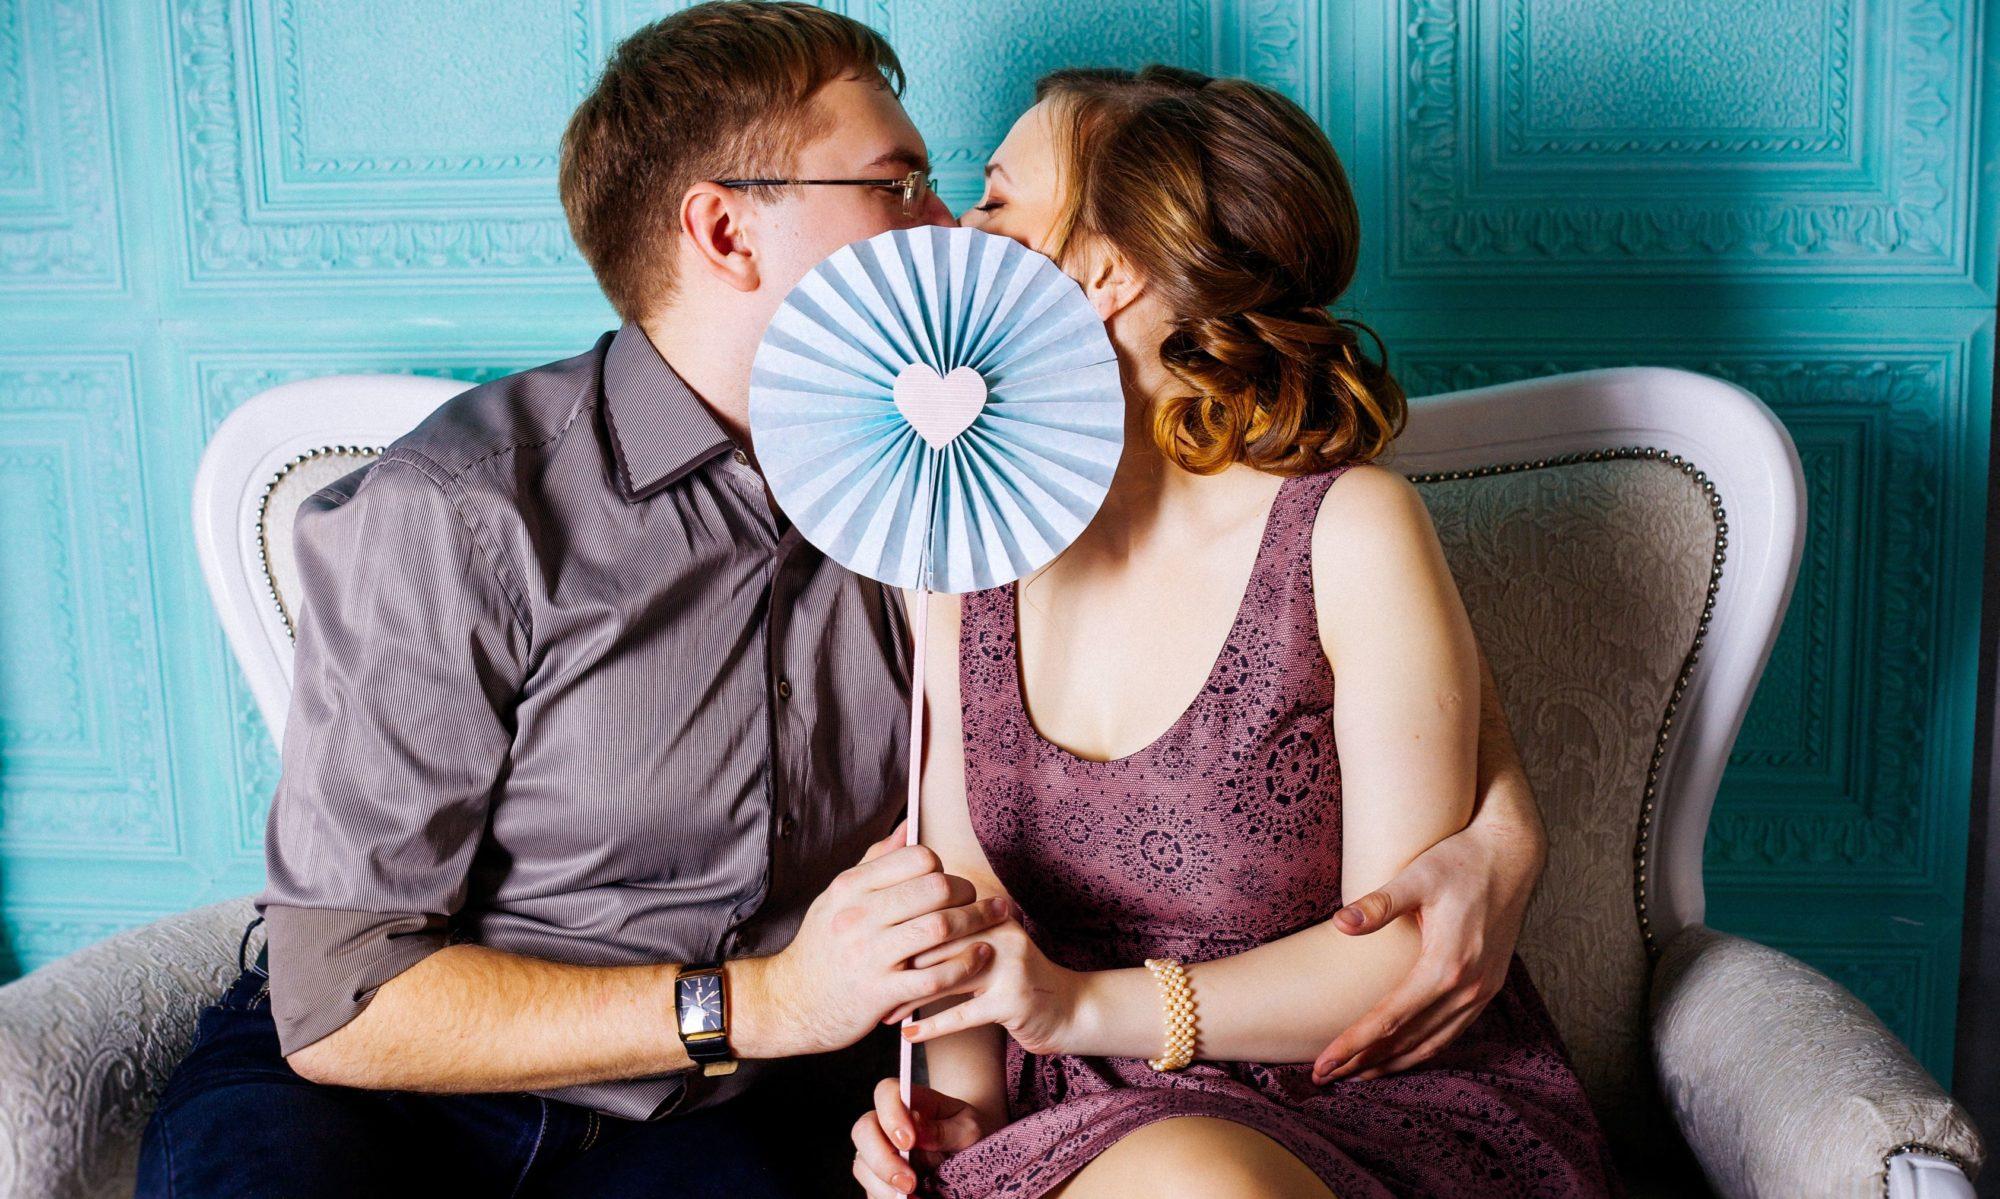 Seitensprungkontakte und Sexdates